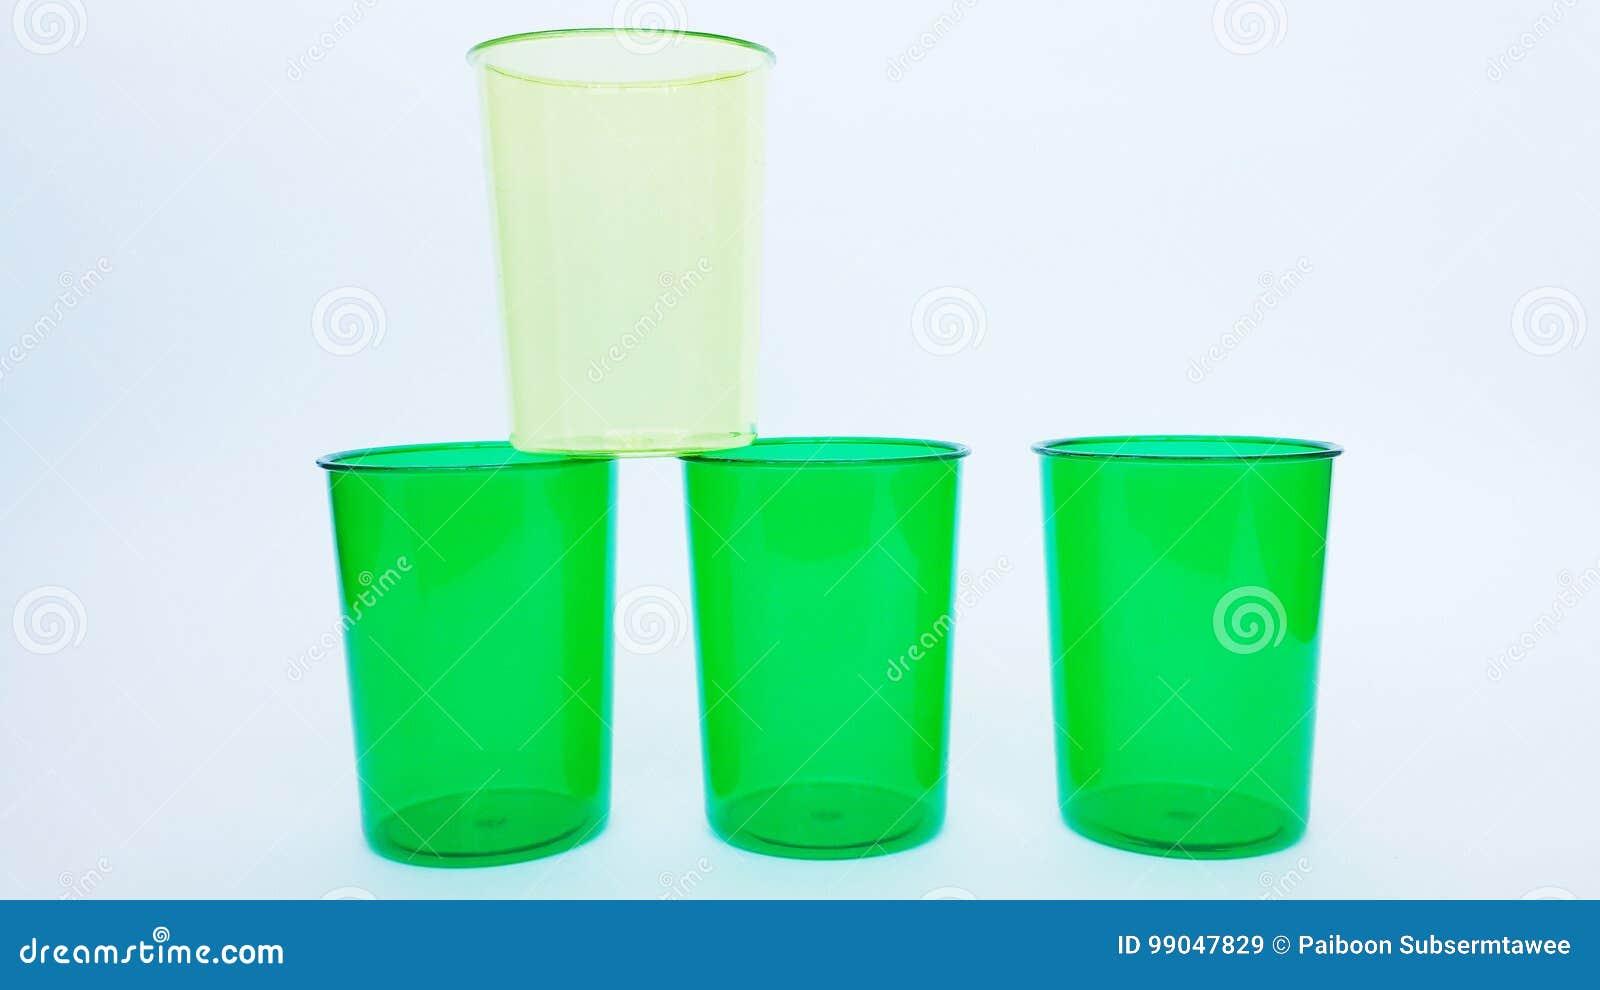 4 tazze e tazze di specie